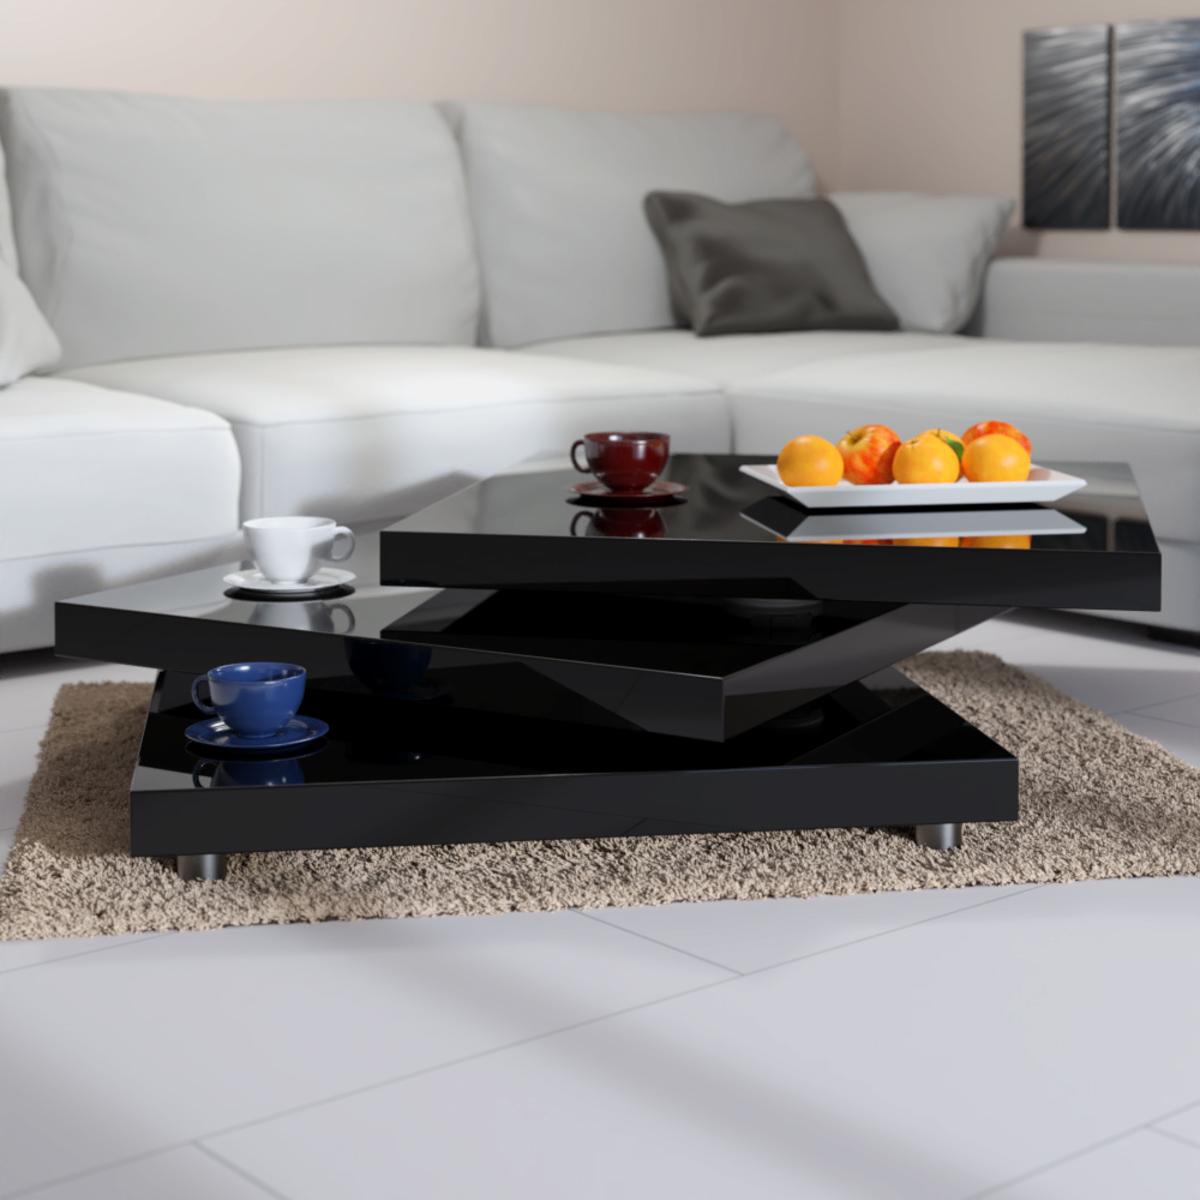 Deuba Couchtisch Hochglanz schwarz modern   360° drehbar im Cube Design   60x60cm ...